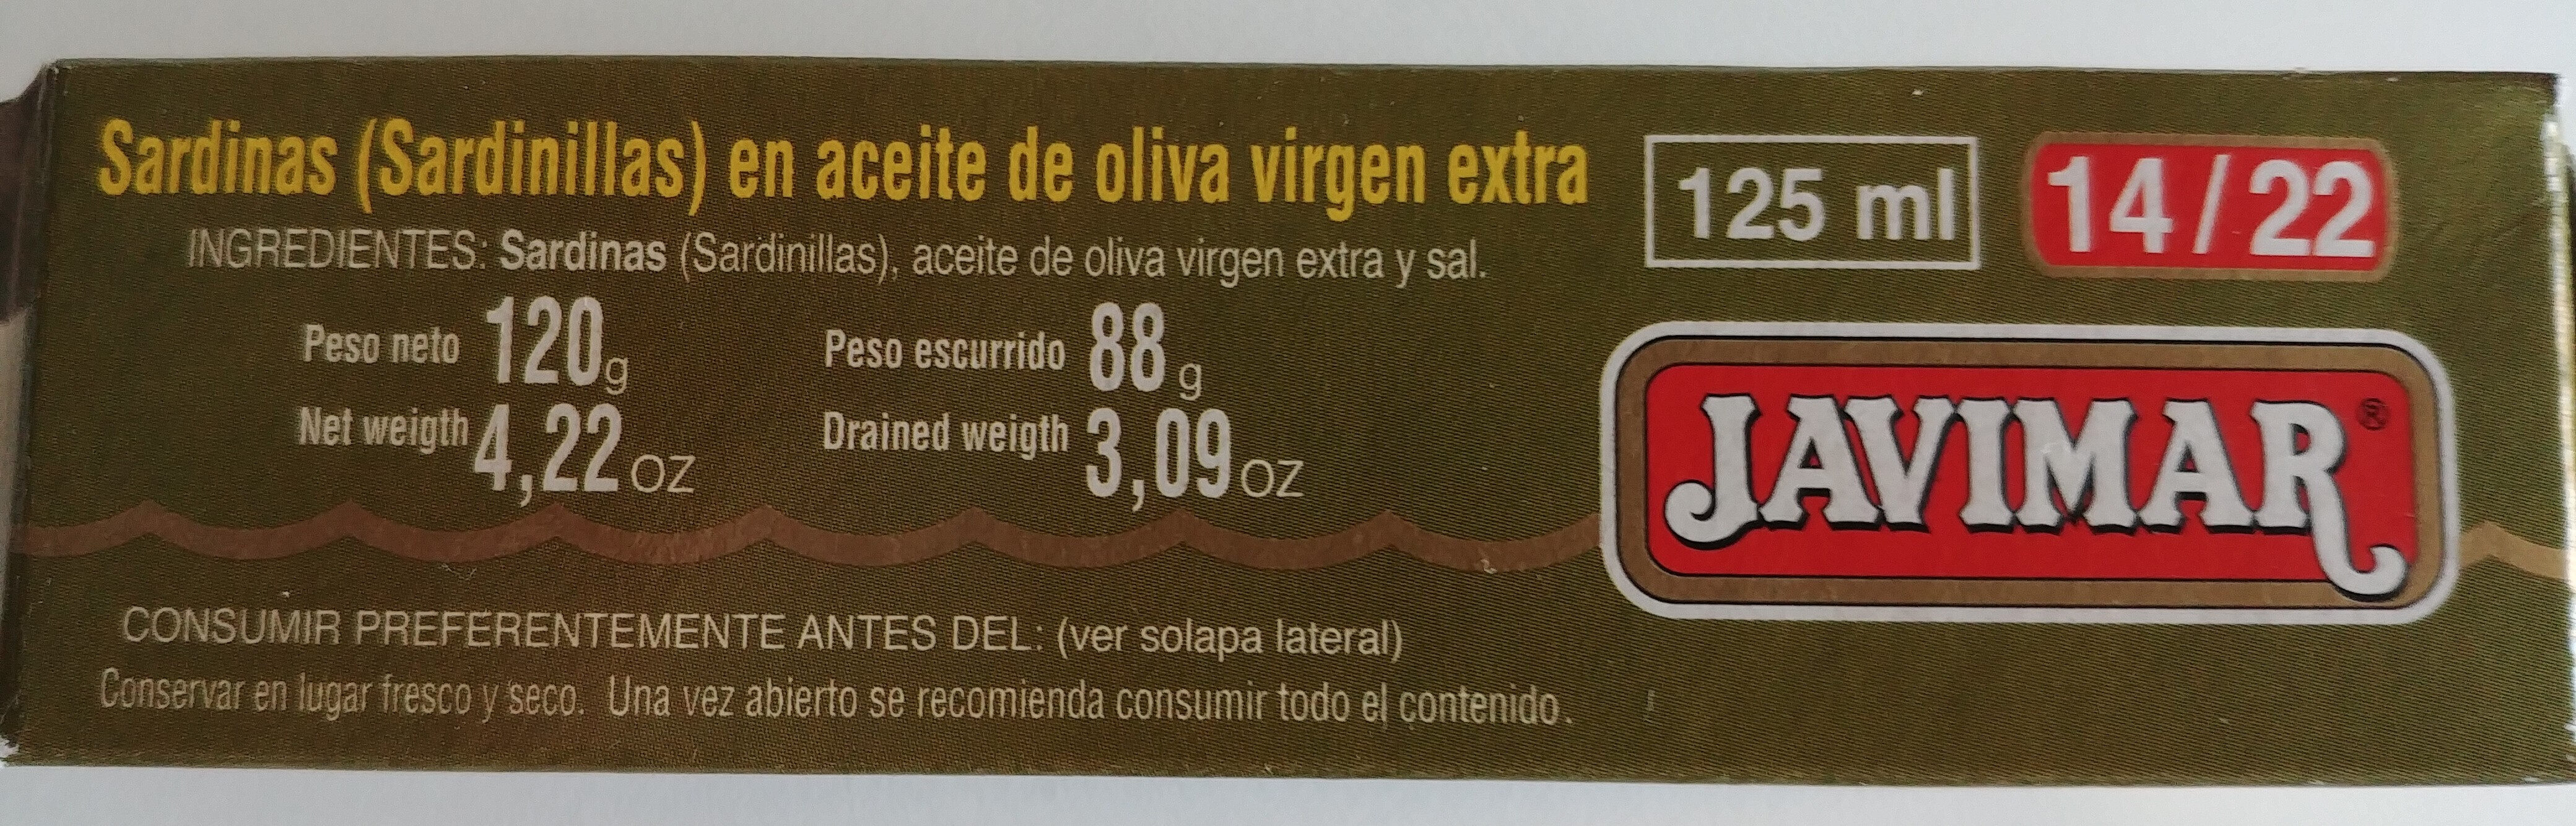 Sardinillas en aceite de oliva virgen extra - Ingredients - es